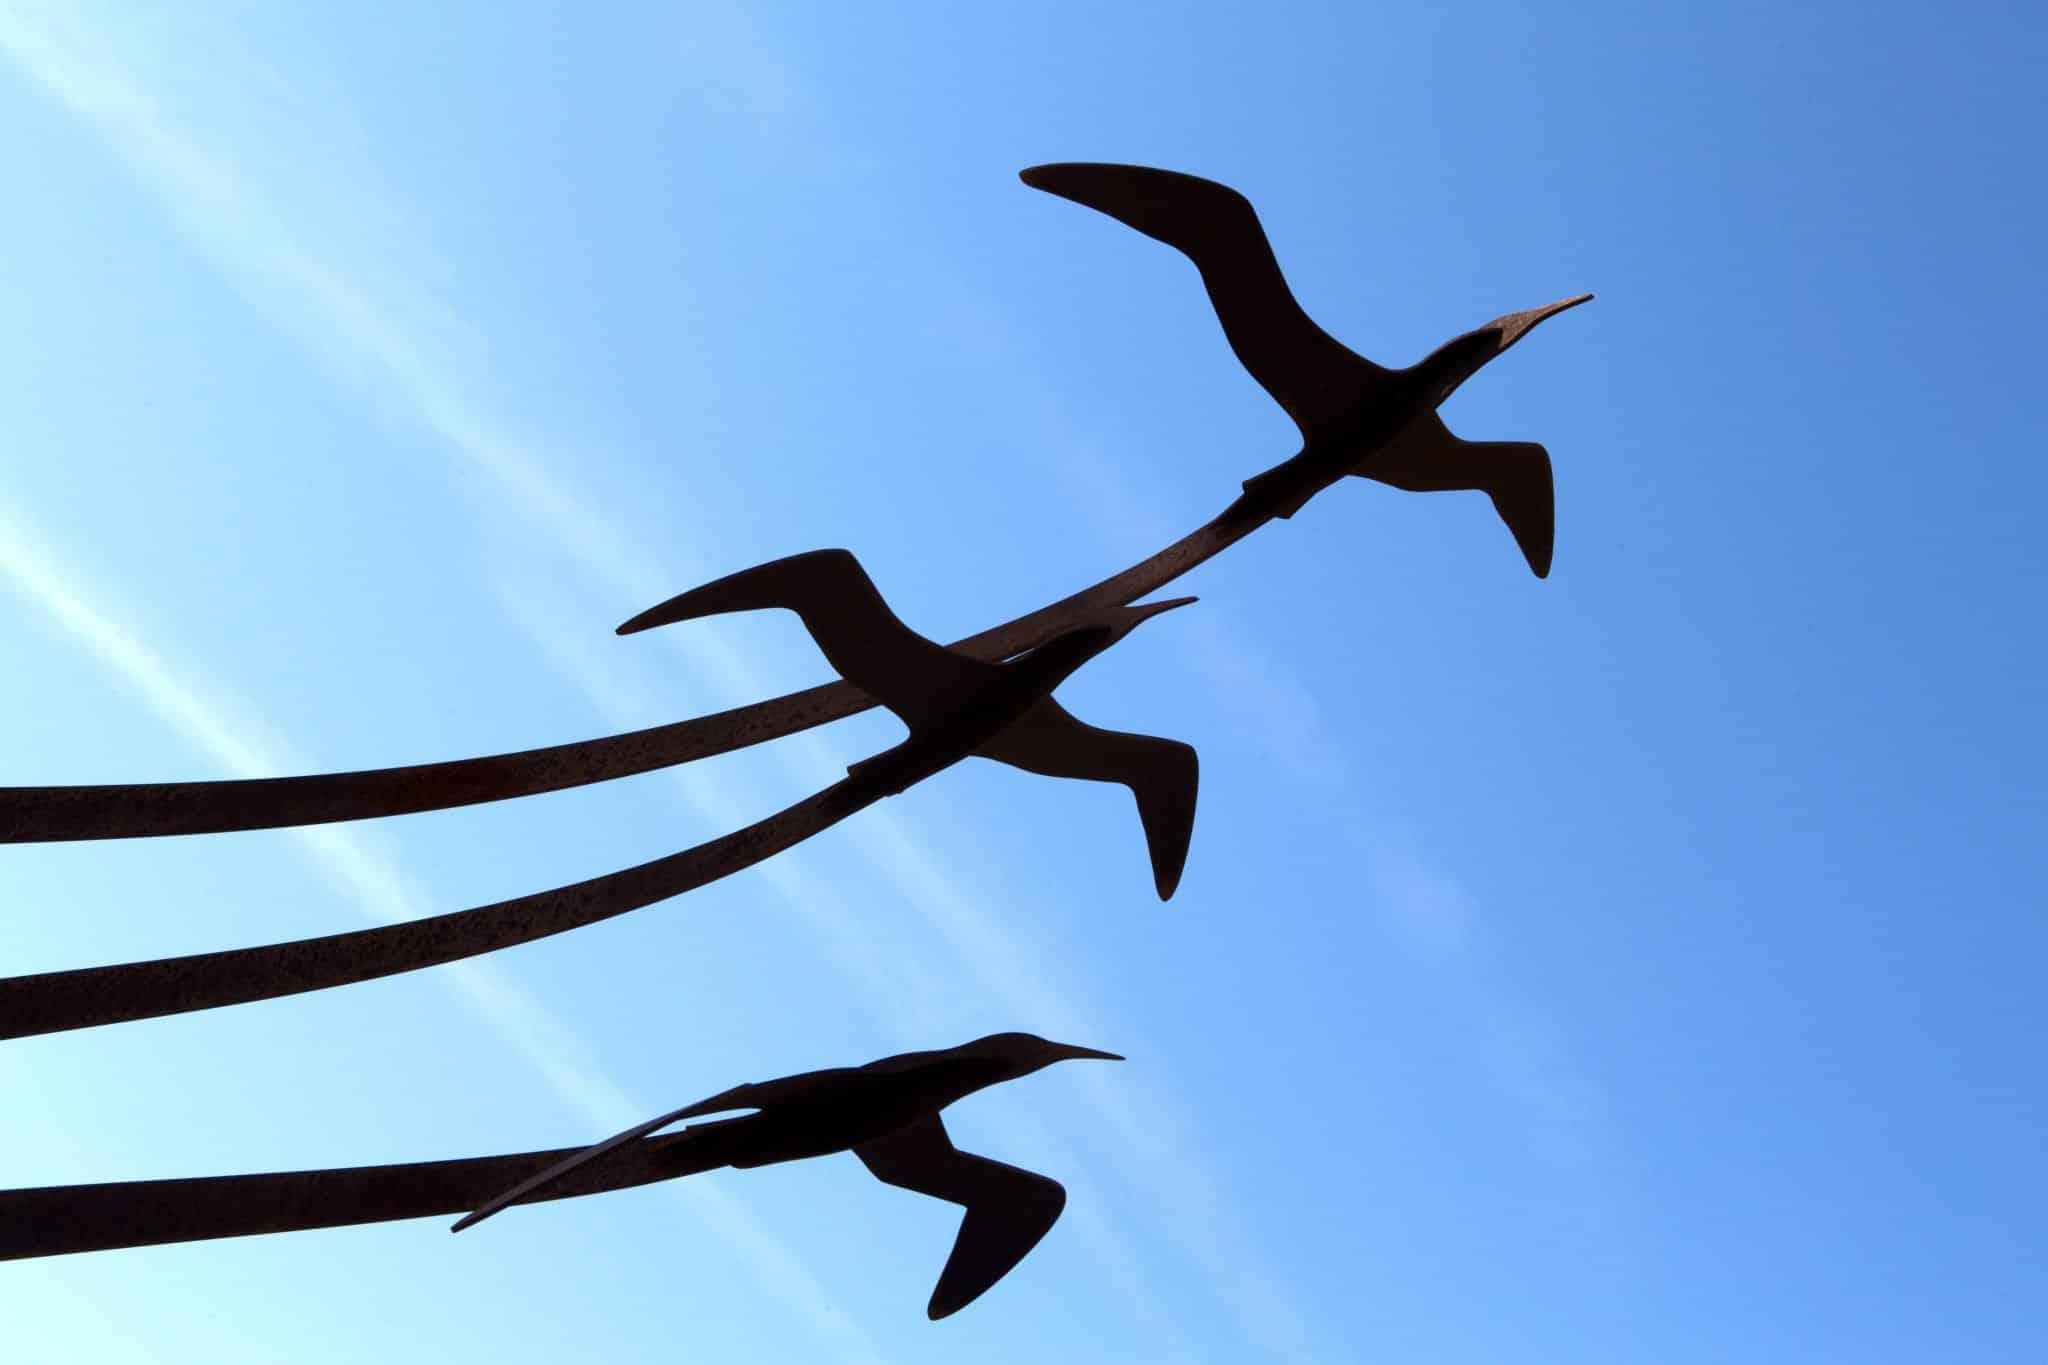 3 oiseaux dans le vent